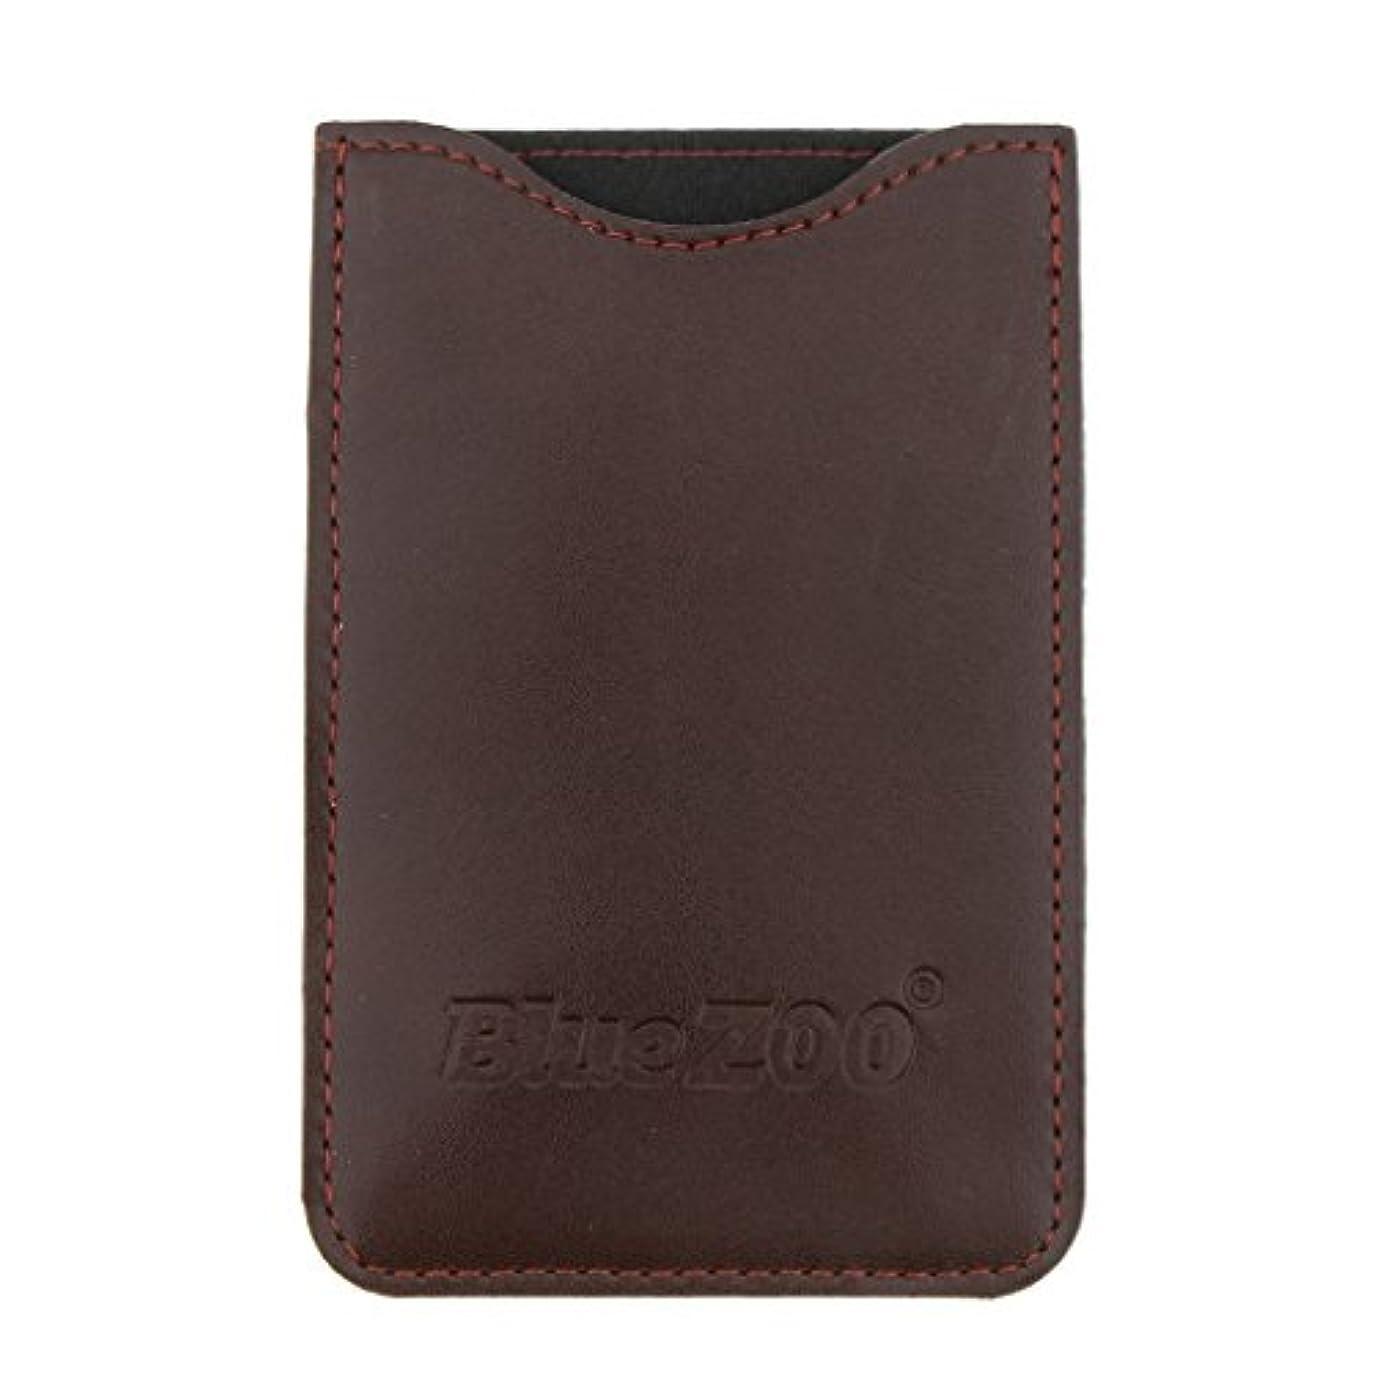 処理完璧男らしい木製のポケットヒゲの櫛の保護収納ポーチ、小さな櫛PUレザーケース - 褐色